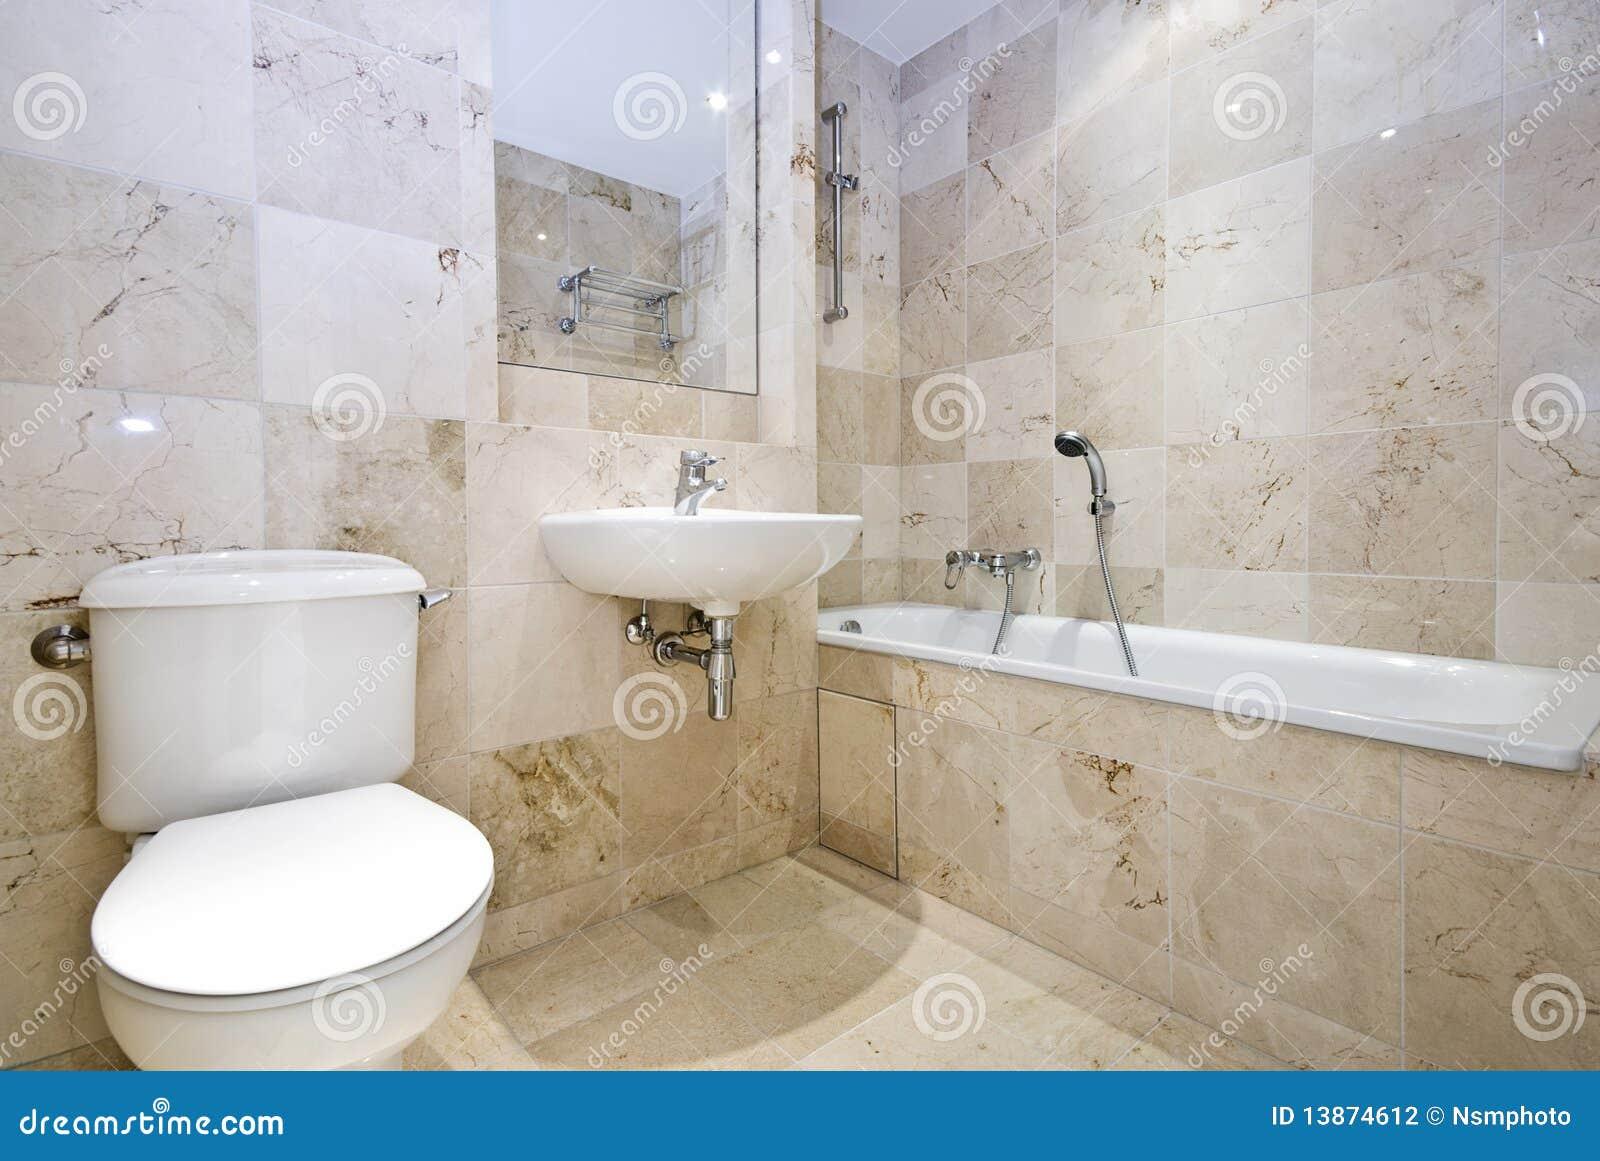 Cuarto de ba o de m rmol lujoso fotograf a de archivo - Lavabos de marmol para bano ...